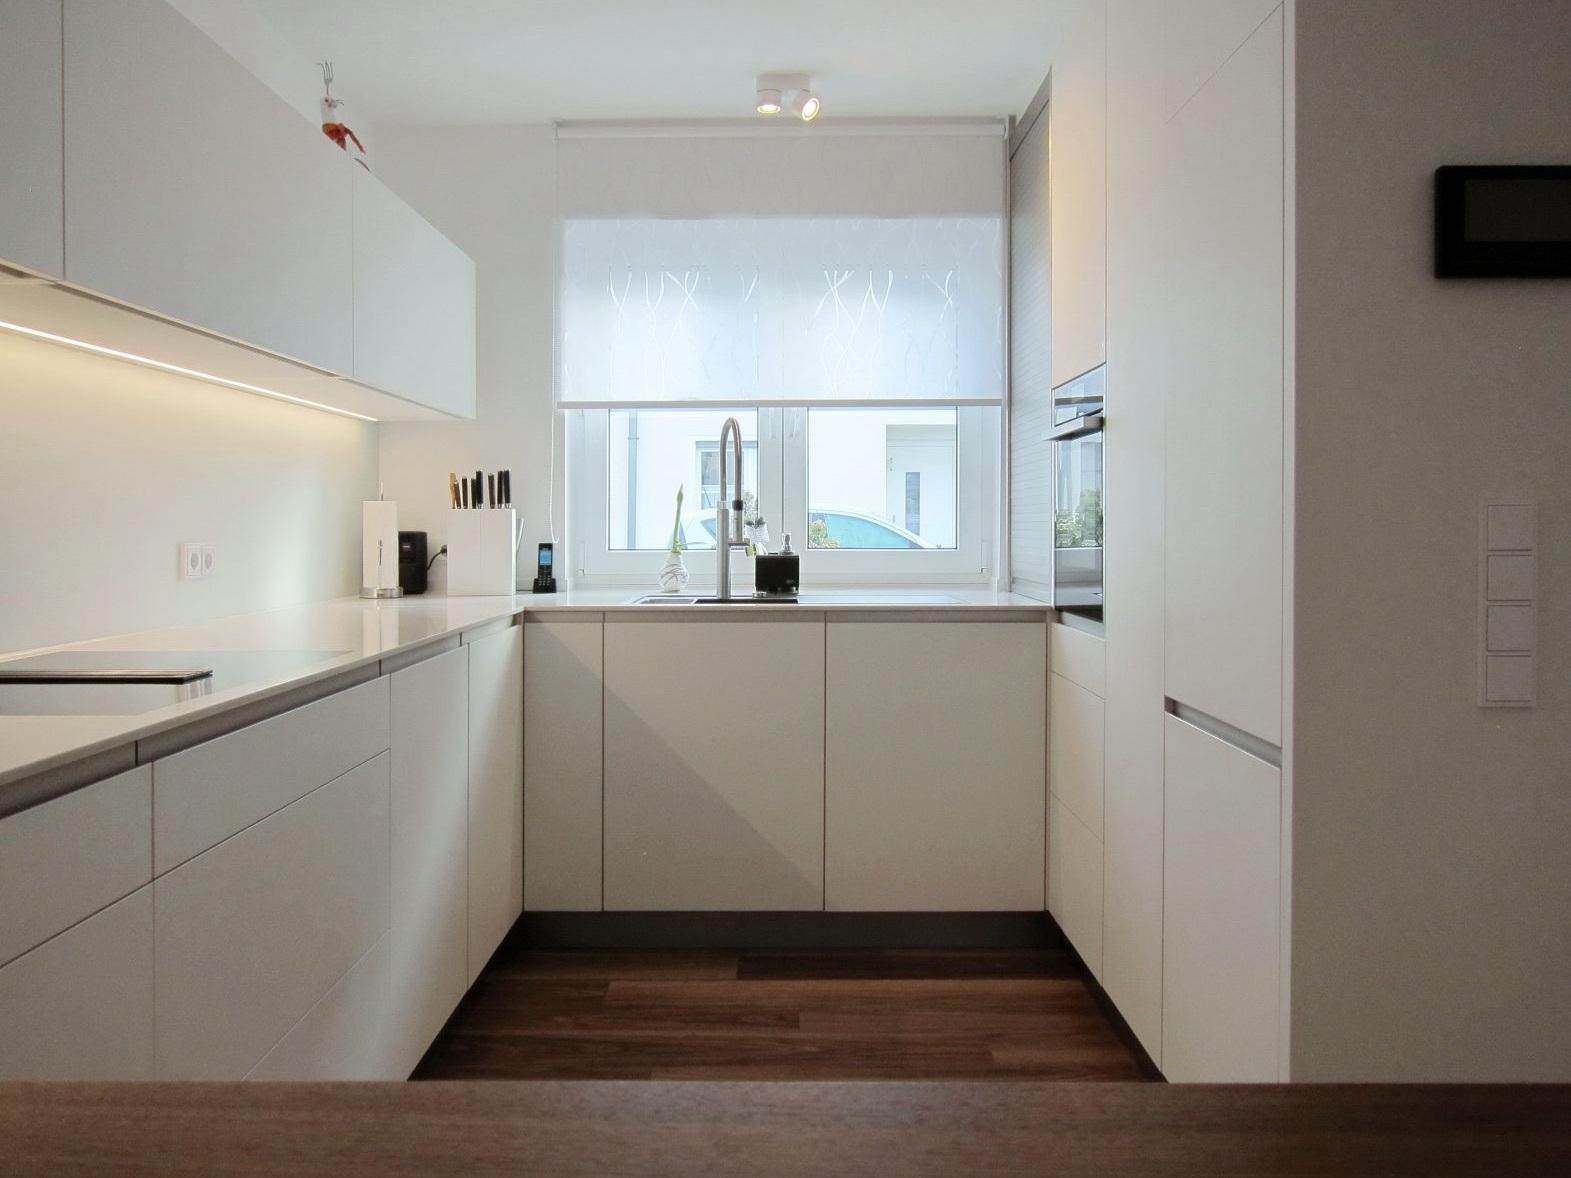 Eine Küche öffnet sich - Blick auf die Spüle